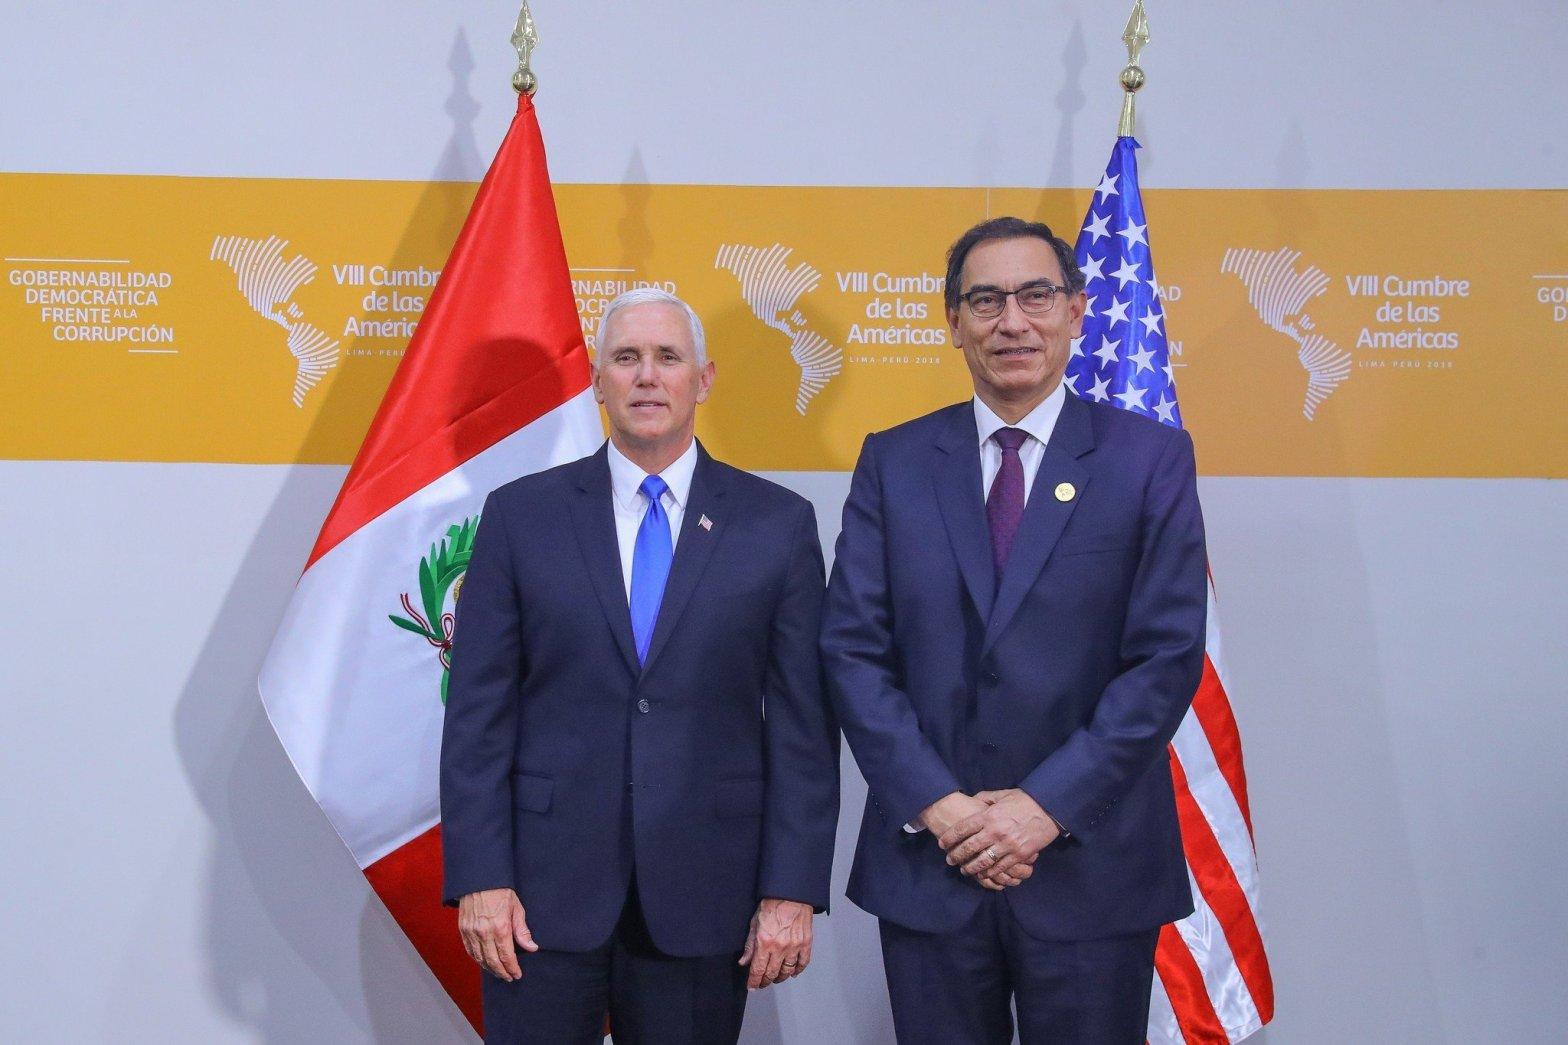 Estados Unidos reconoce solida institucionalidad democrática del Perú